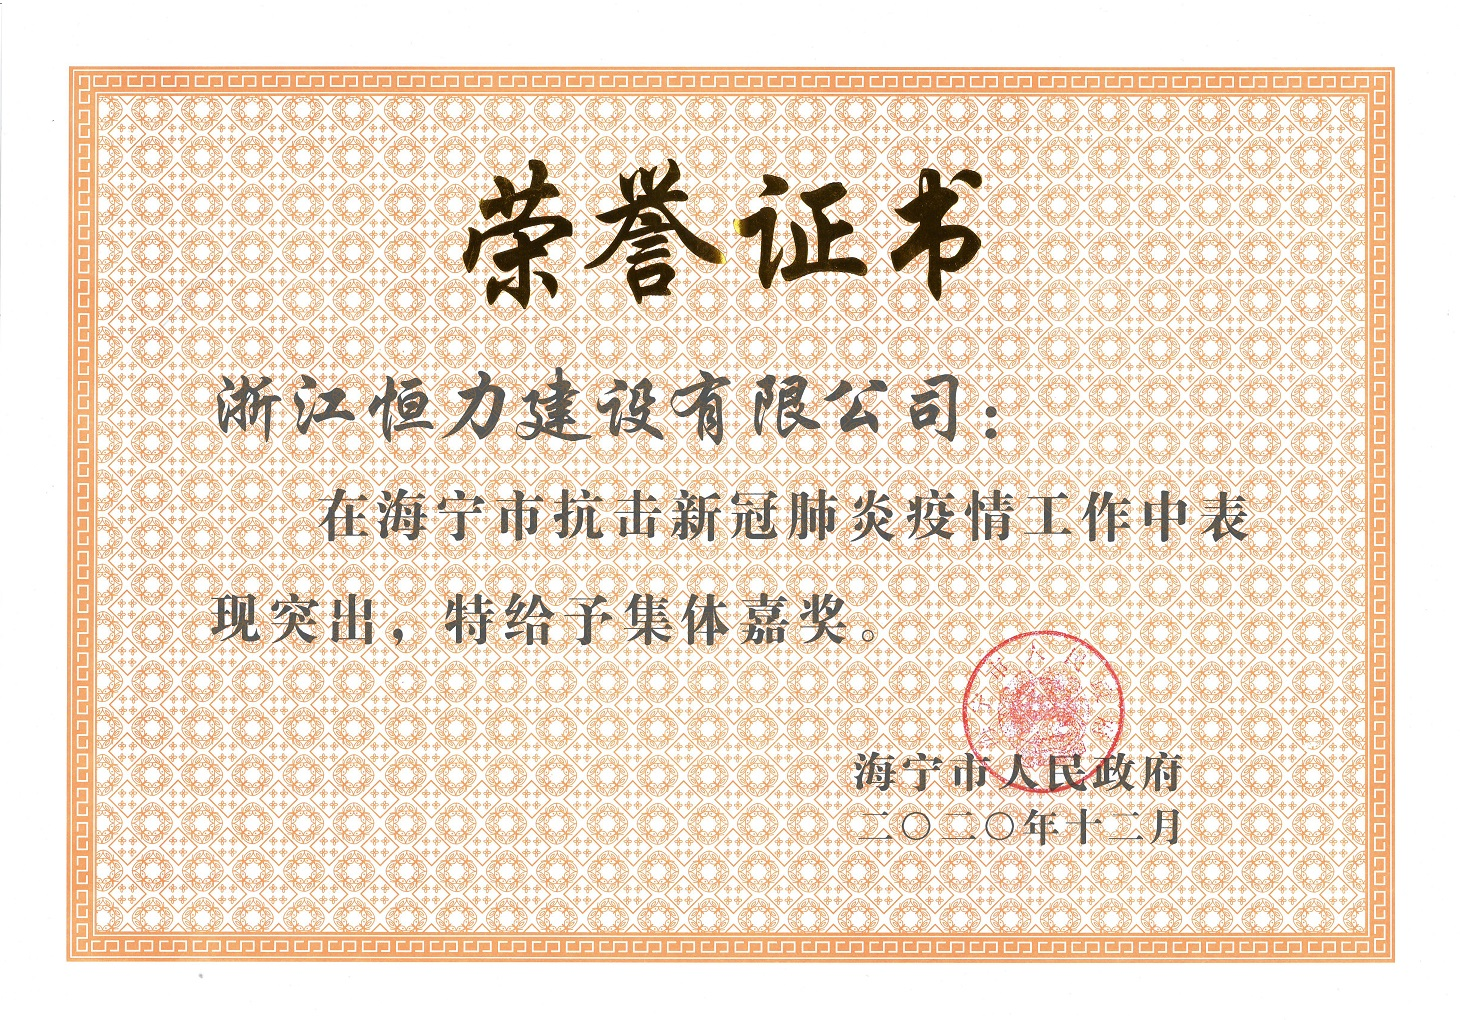 """浙江恒力建設有限公司榮獲""""海寧市抗擊新冠肺炎疫情先進集體""""稱號"""